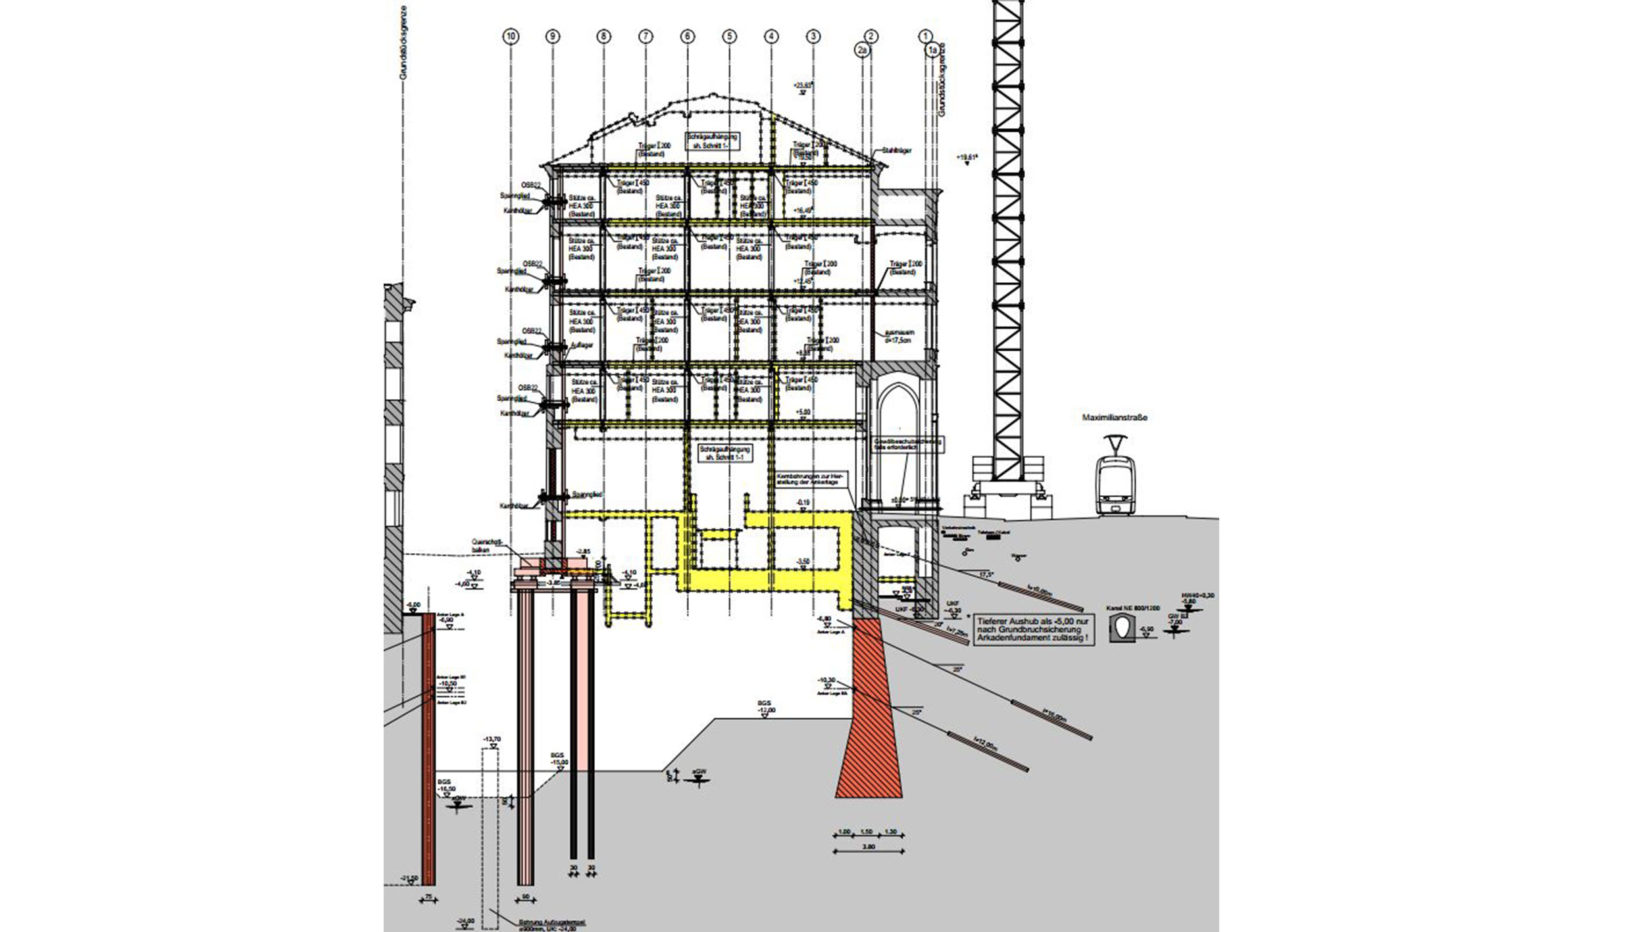 Darstellung des Schnitts für das denkmalgeschützte Gebäude in der Maximilianstraße München im Zuge des Bauantrags für die Sanierung und Erweiterung.